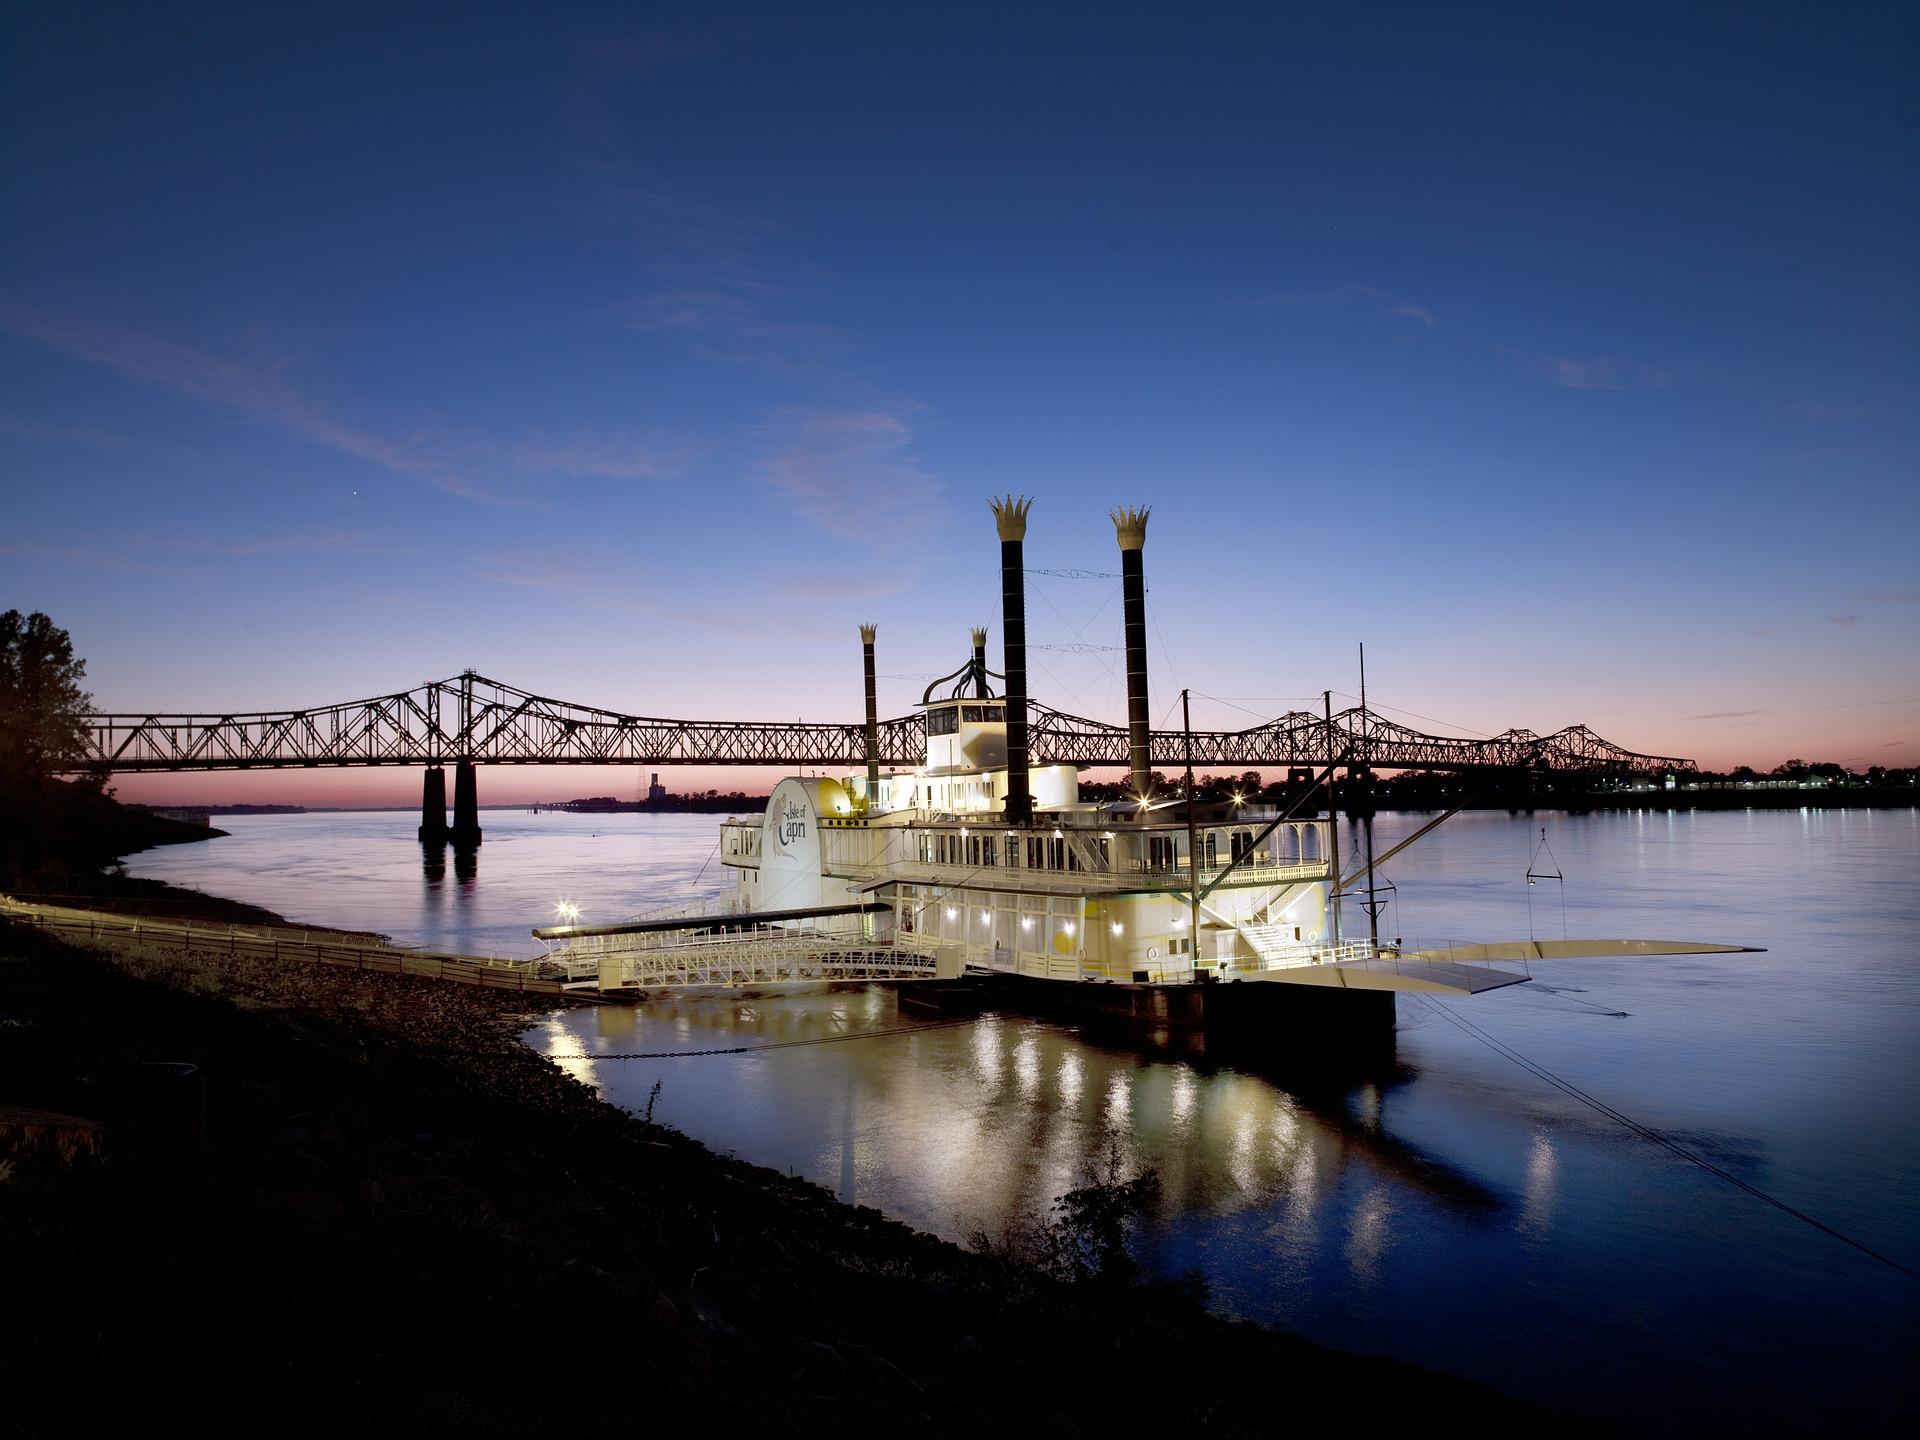 Casino Boat, Boat, Casino, River, Sea, HQ Photo